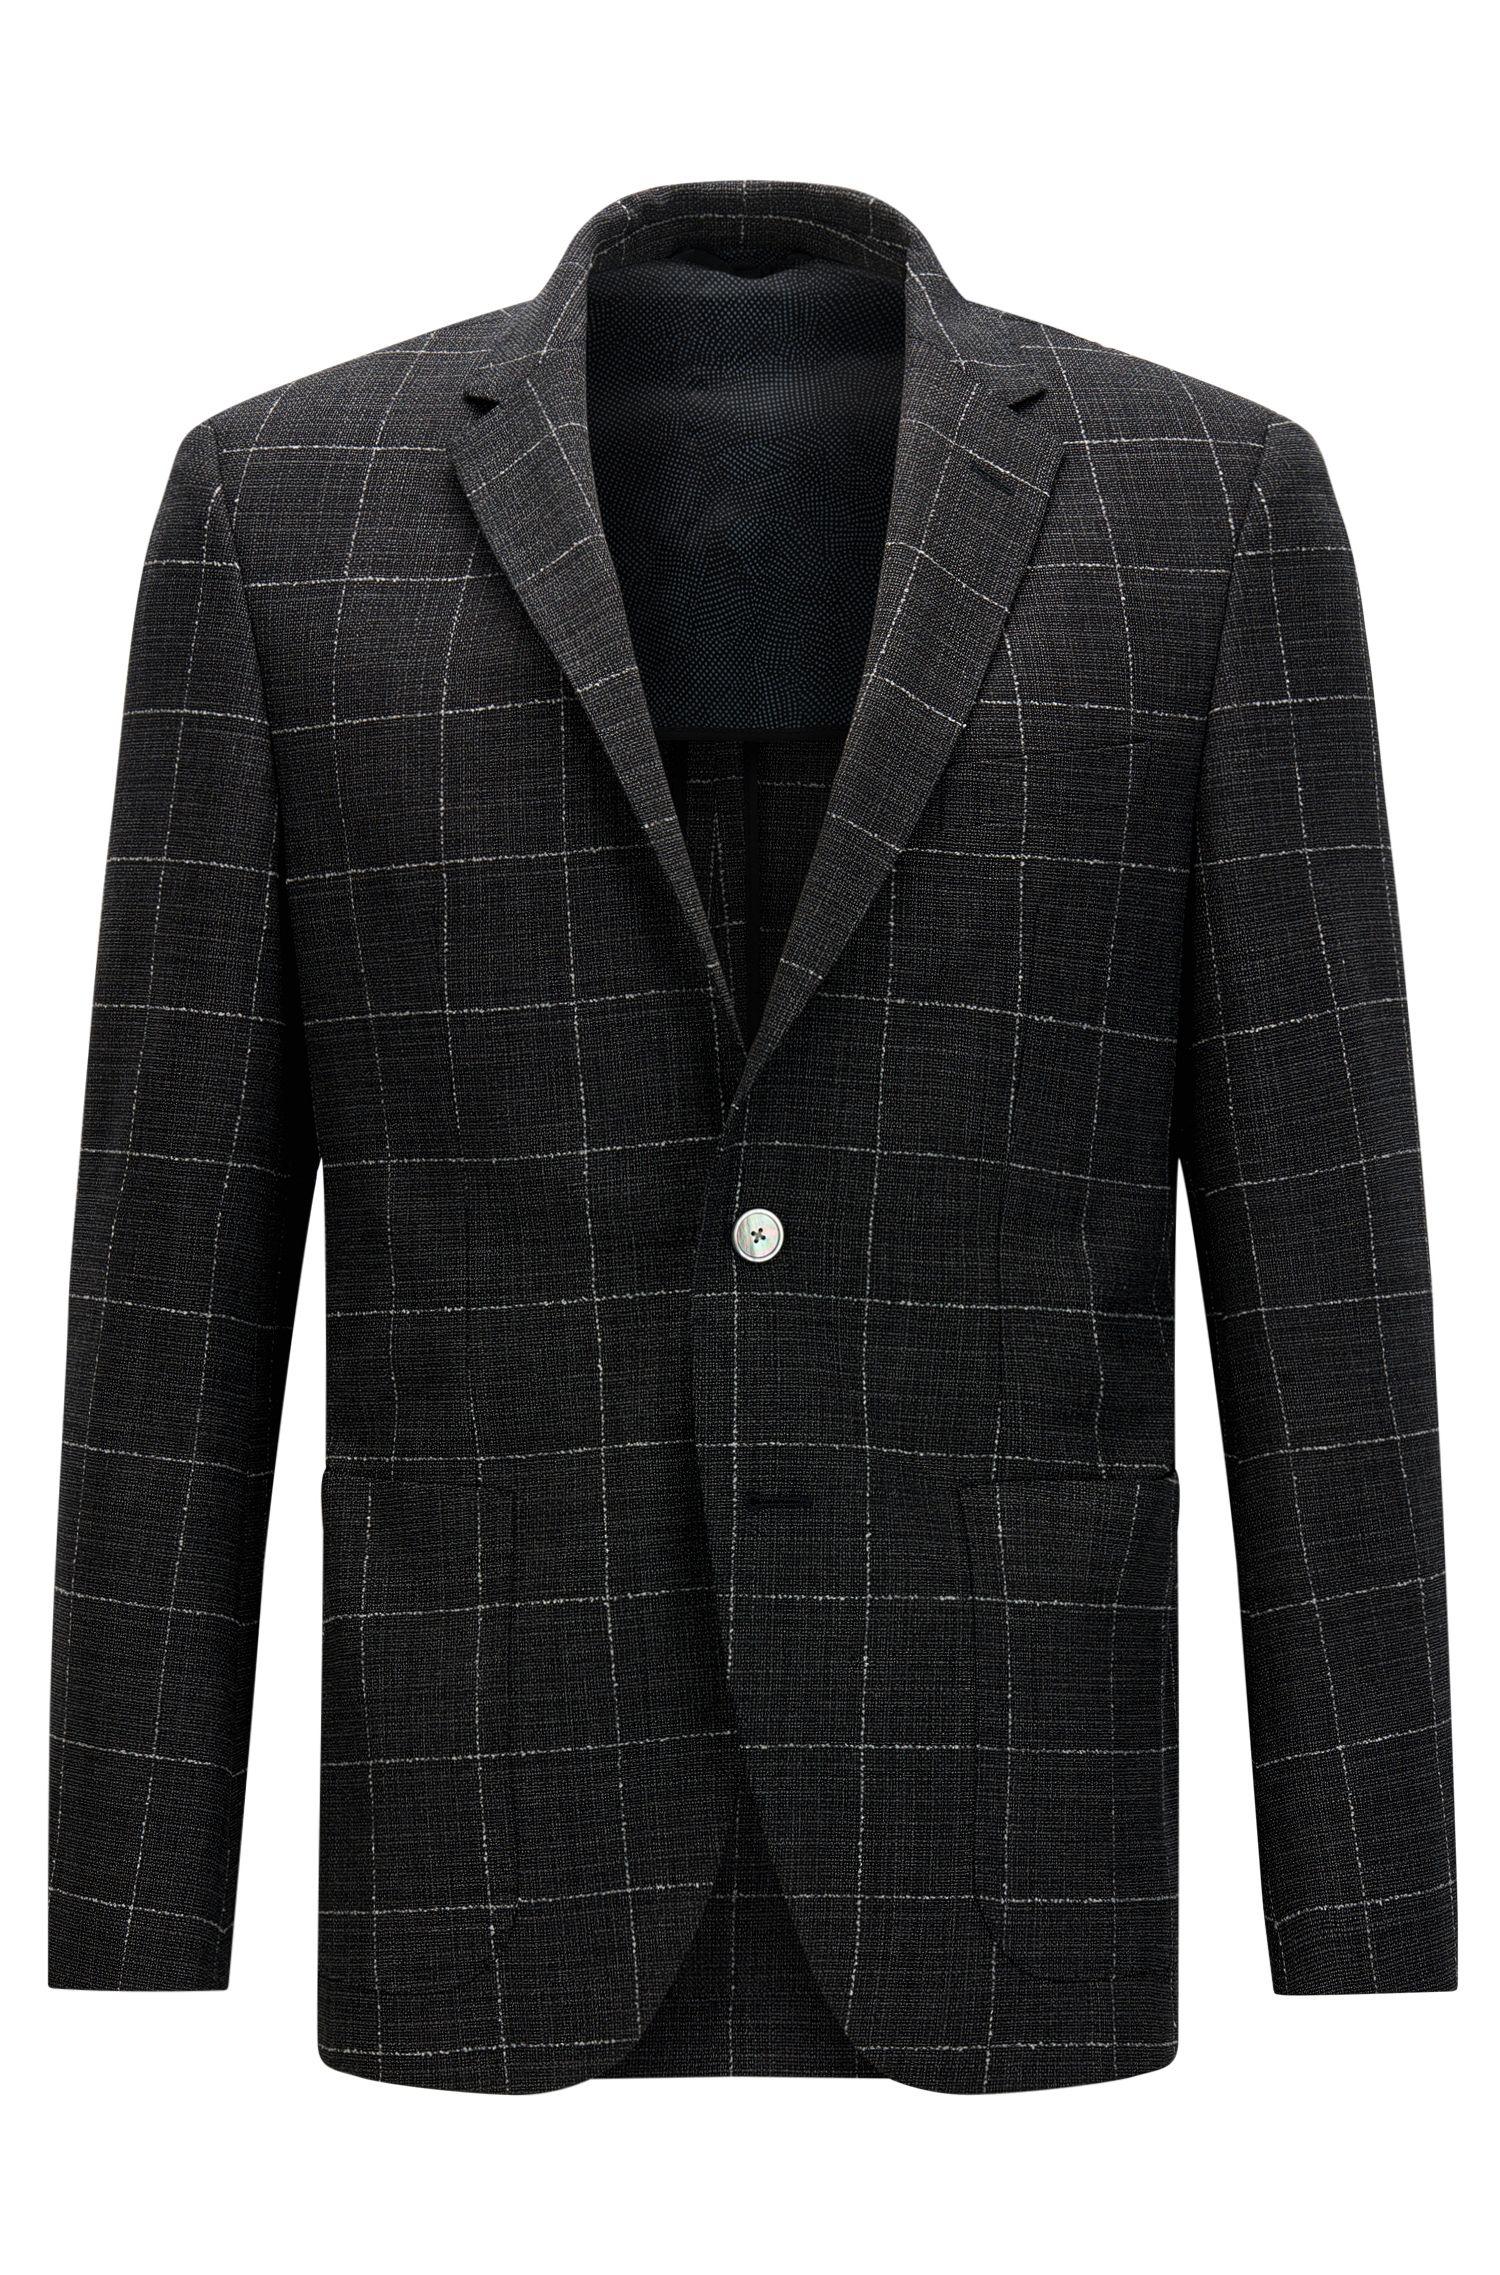 Giacca regular fit in lana vergine elasticizzata a quadri